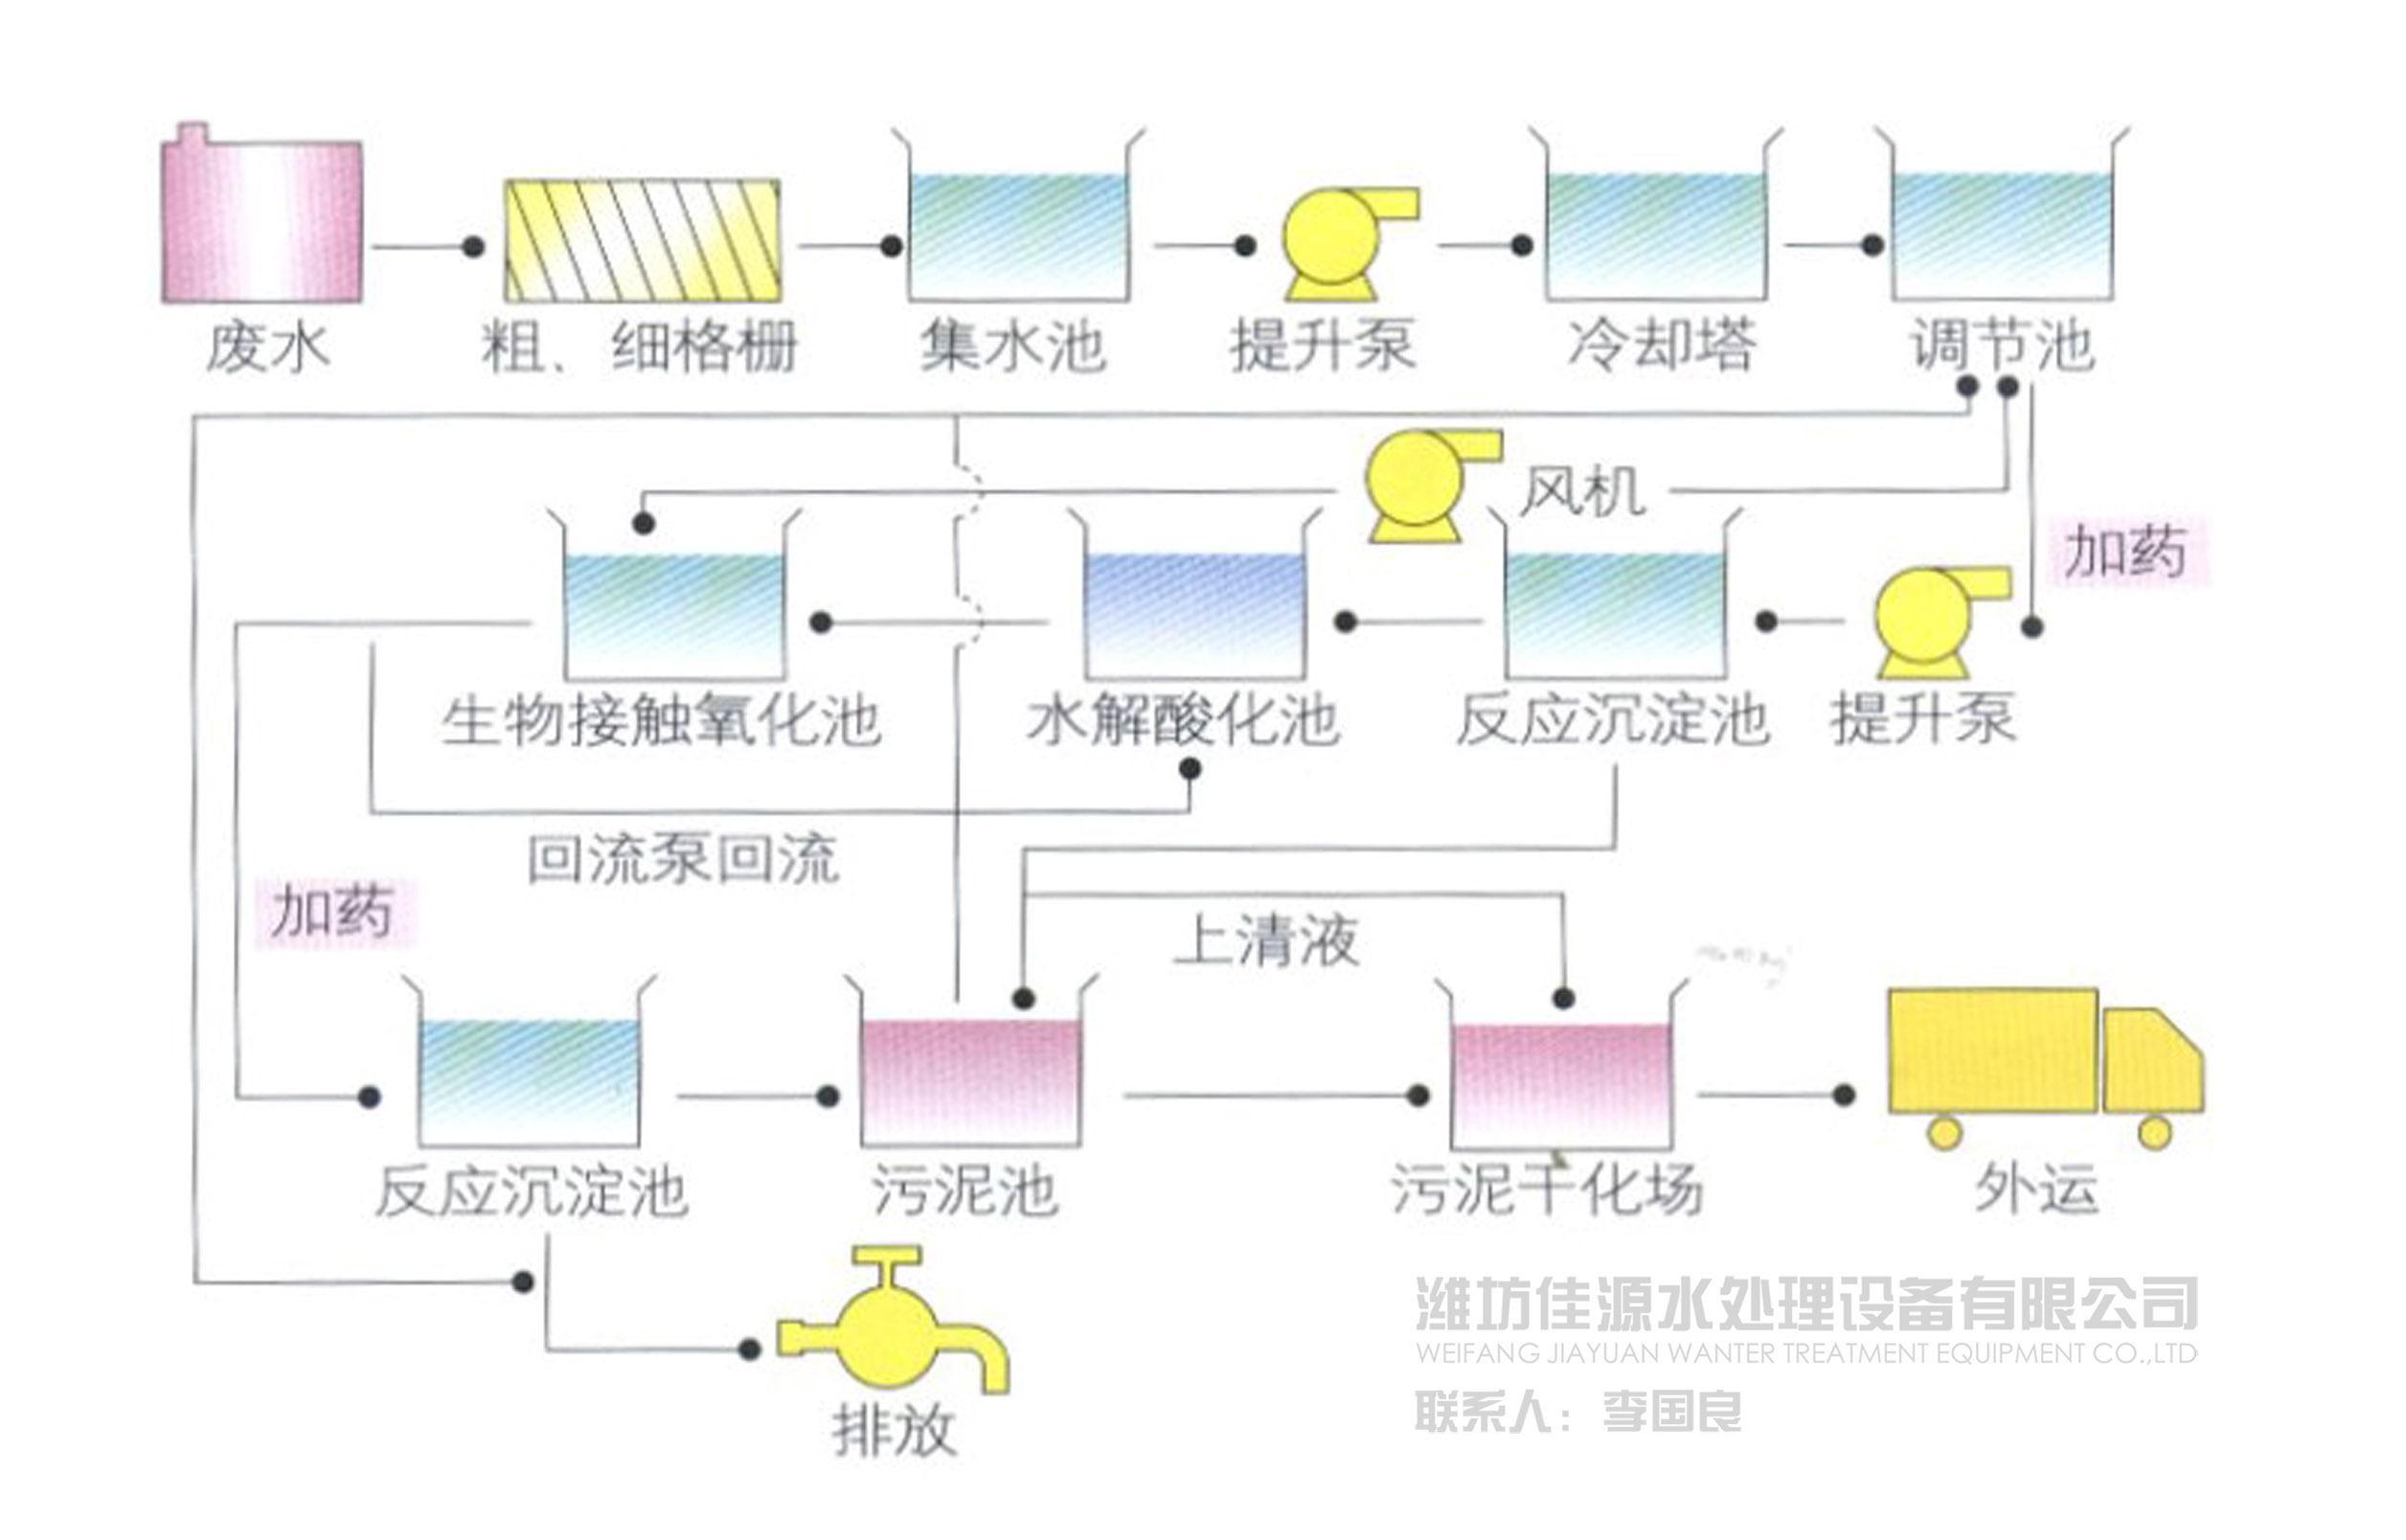 纺织染整工业印染废水处理技术方案